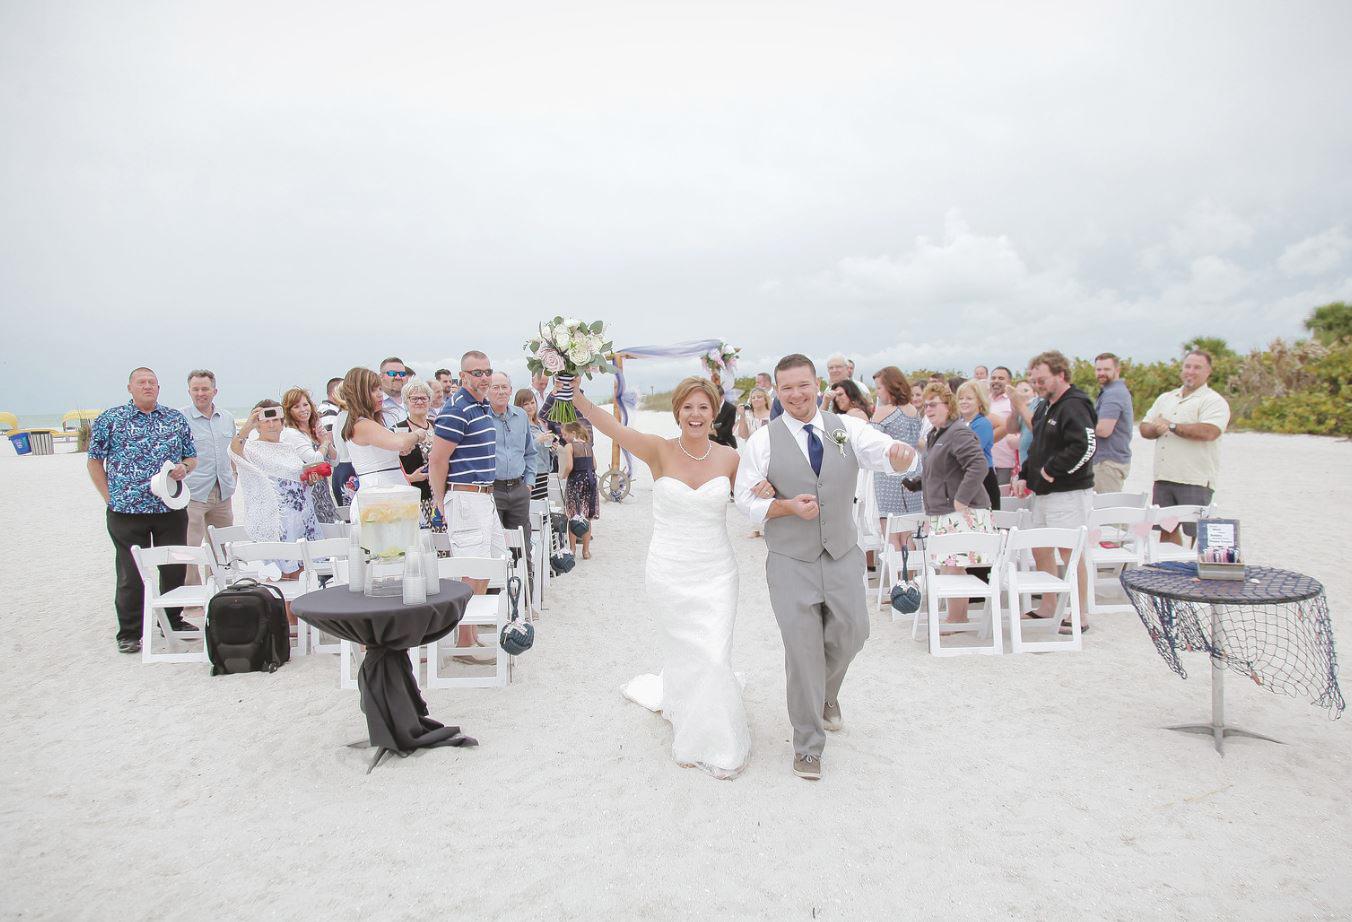 Jaime_wedding_photographer_026.JPG